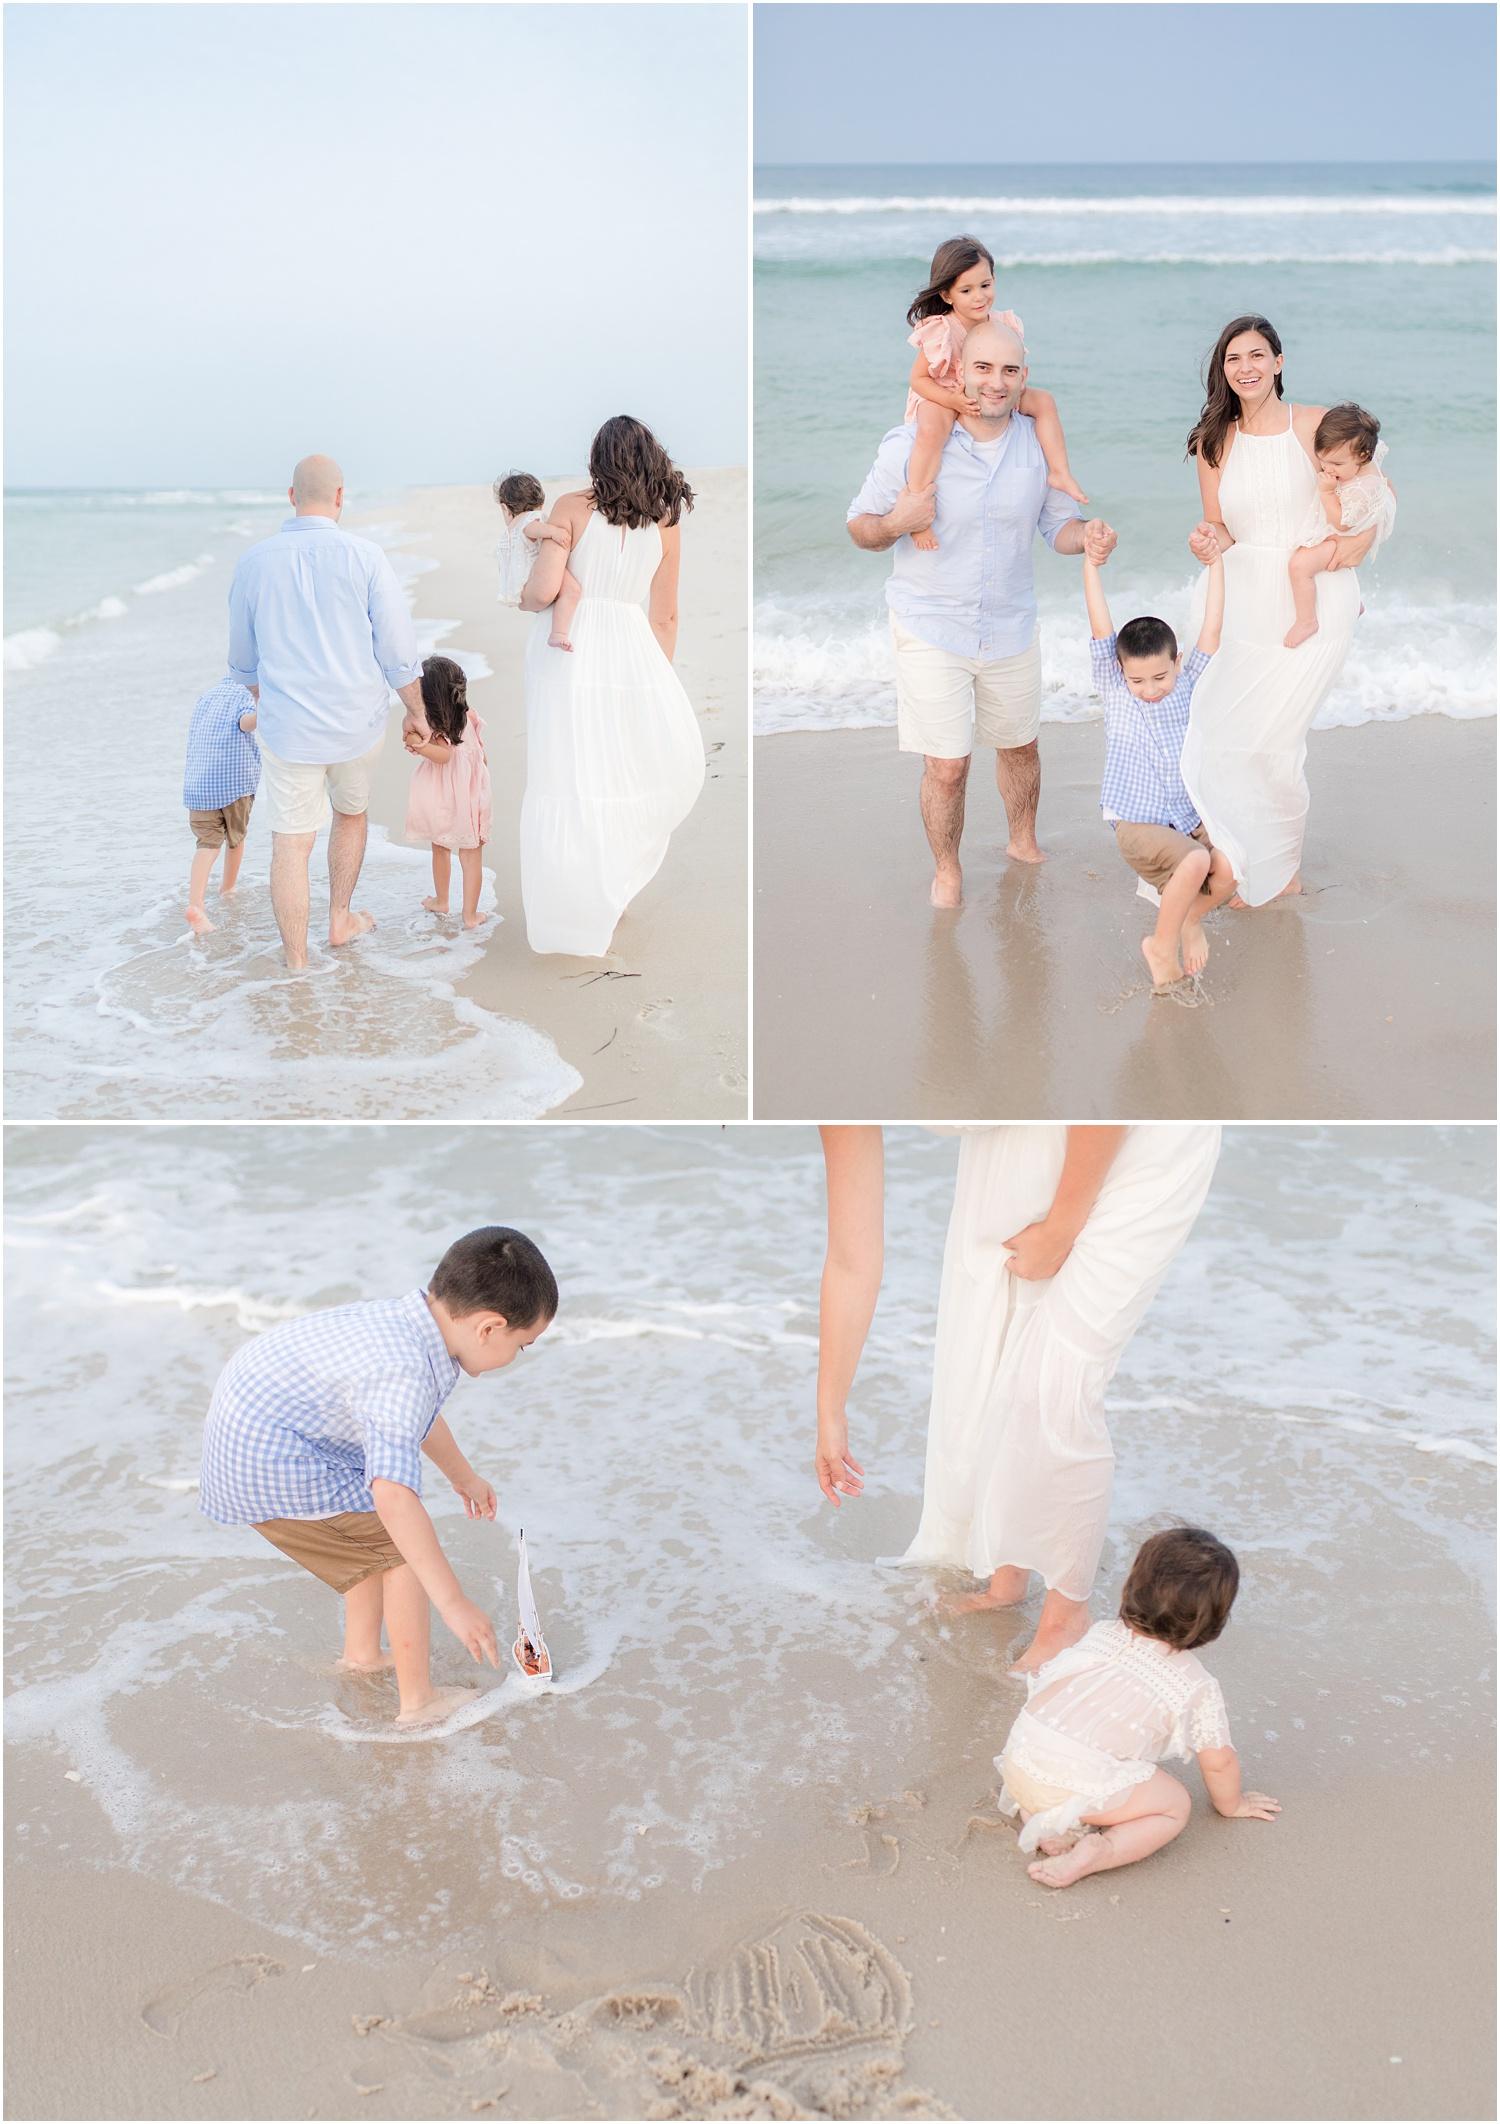 playful family photos on the beach in Seaside Park.